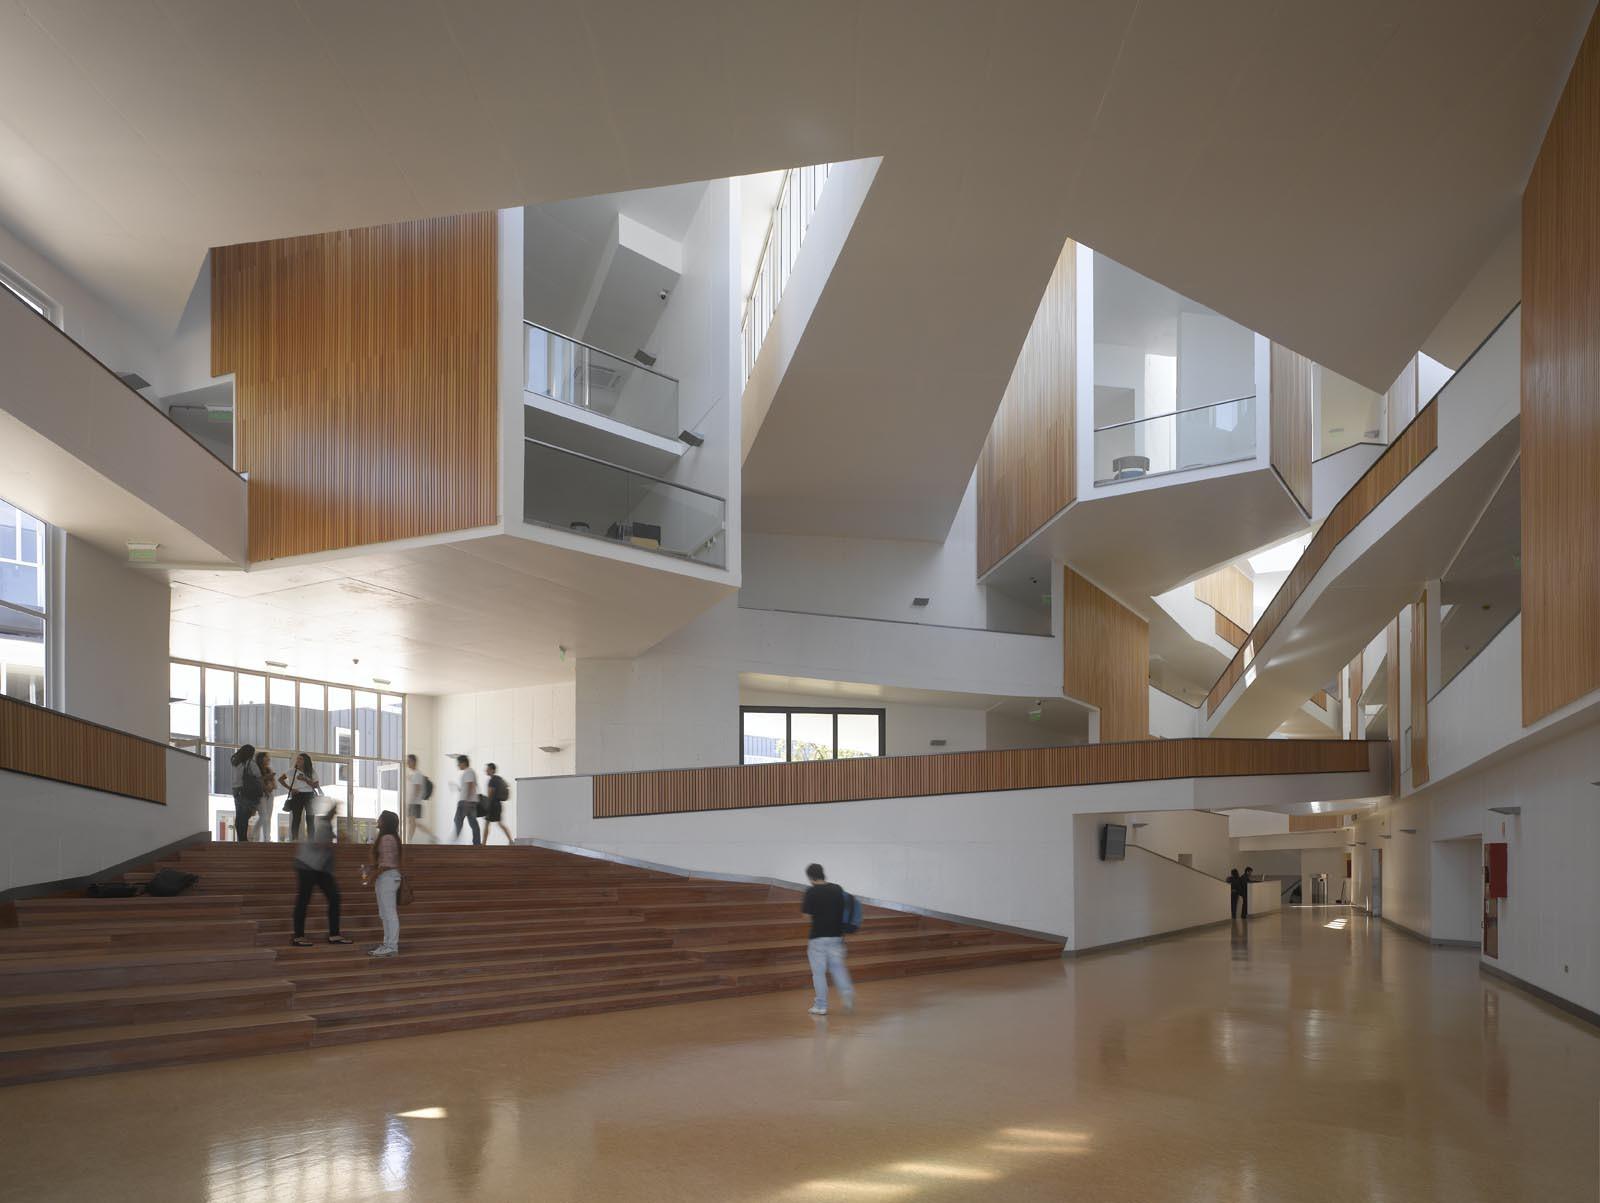 Arquitectura del campus universidad adolfo iba ez jos for Universidades para arquitectura